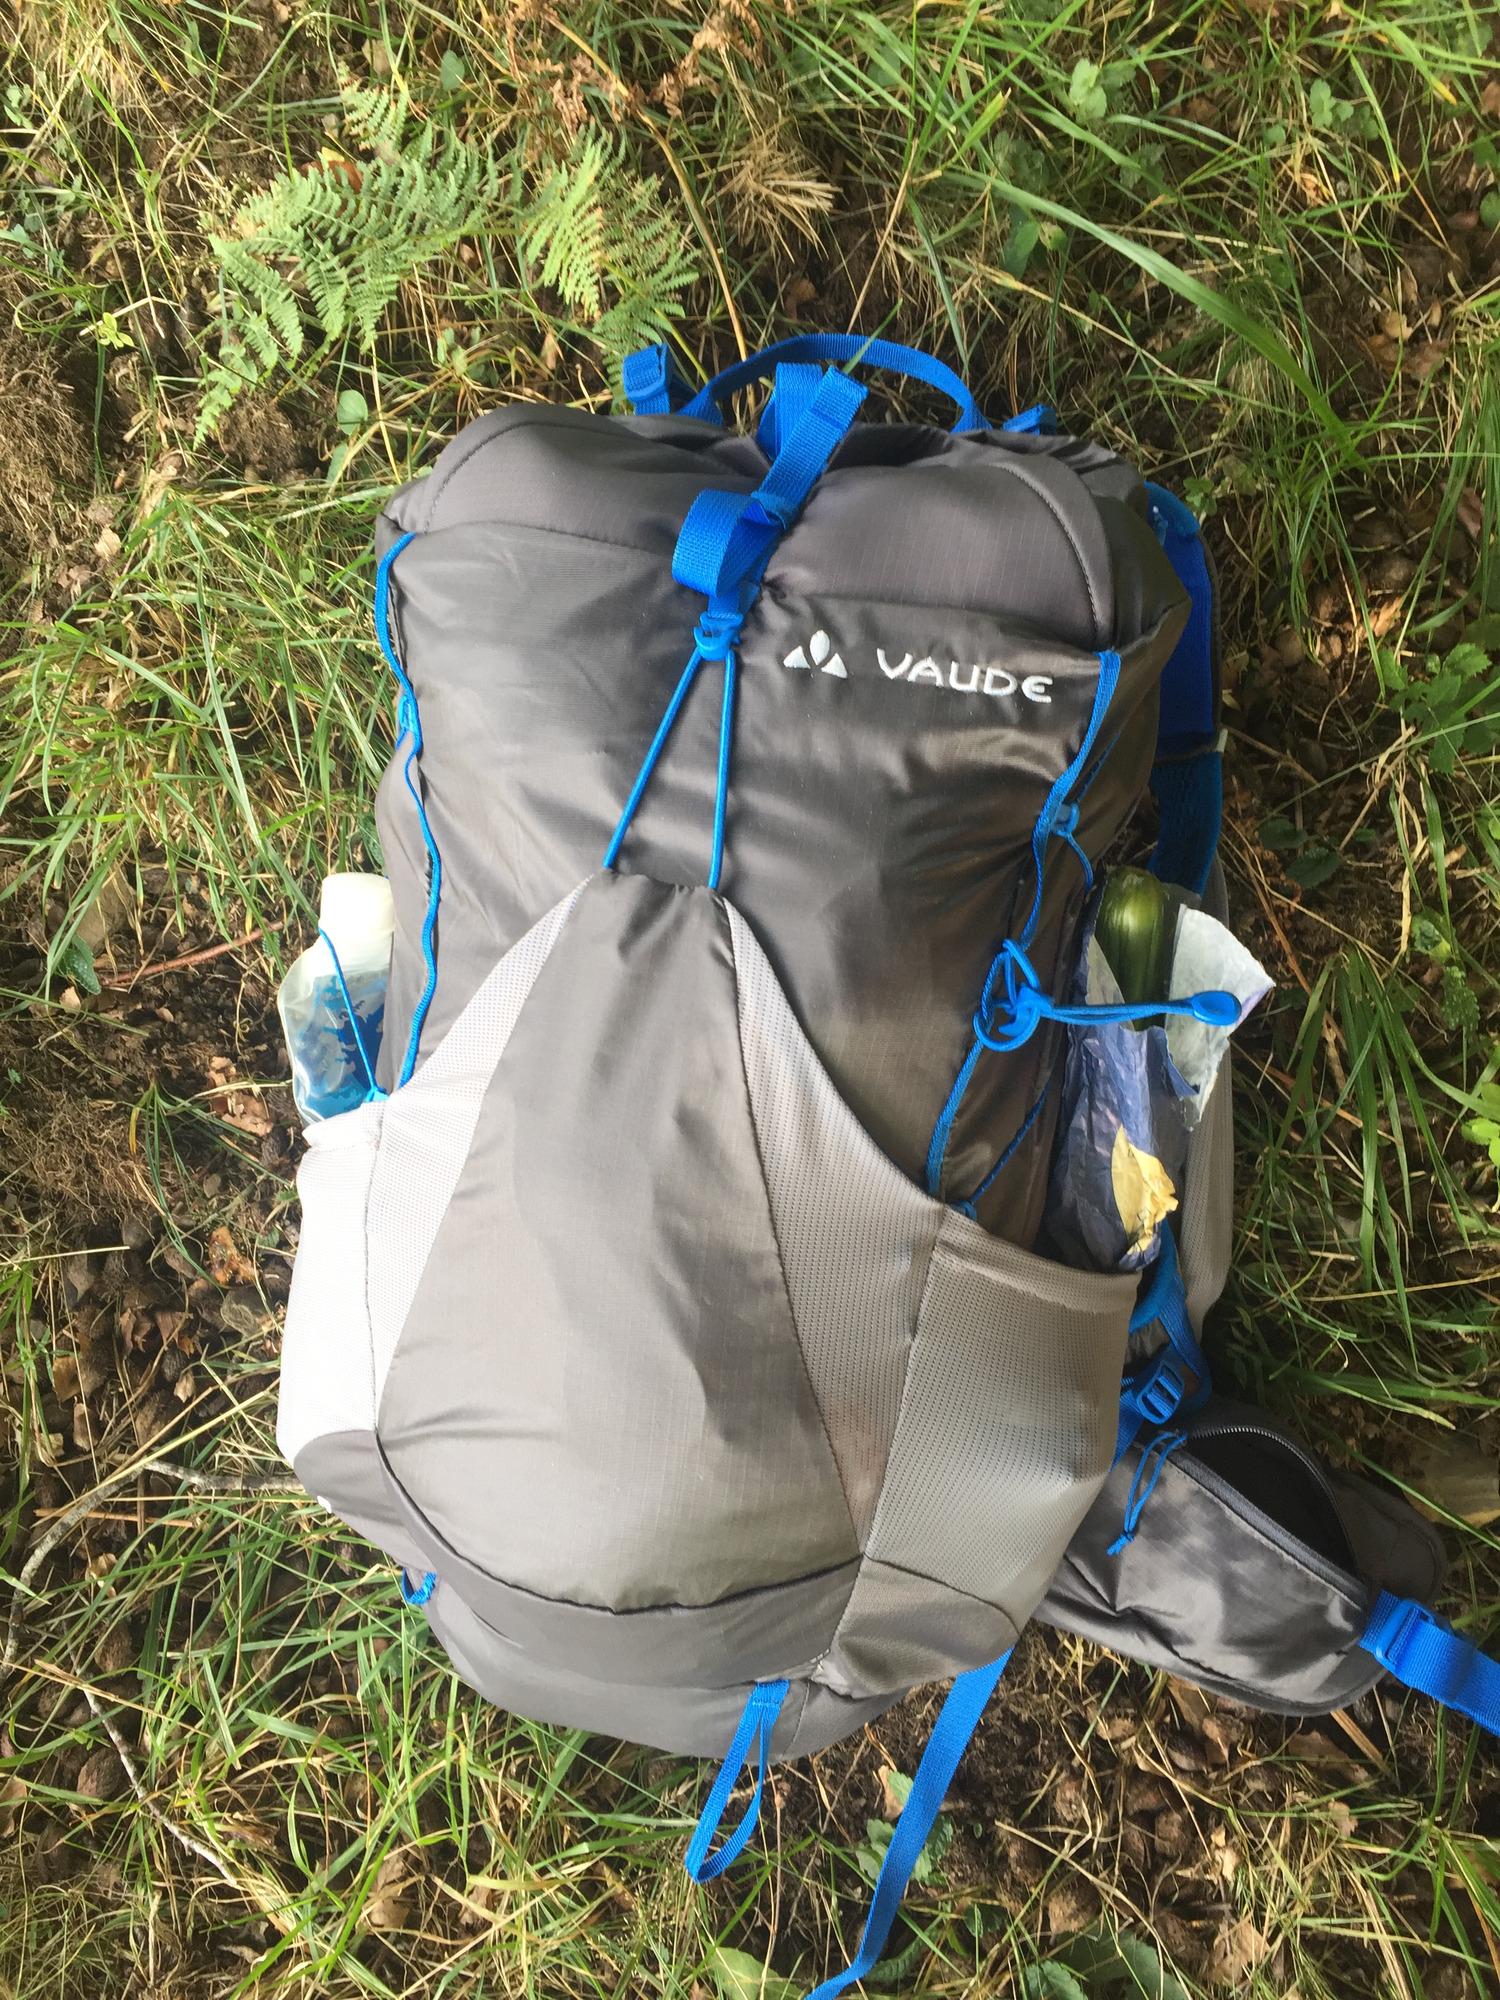 Vaude Trail Spacer 28 : Un sac éco-conçu pour les grandes randonnées à la journée ou les trails de plusieurs jours